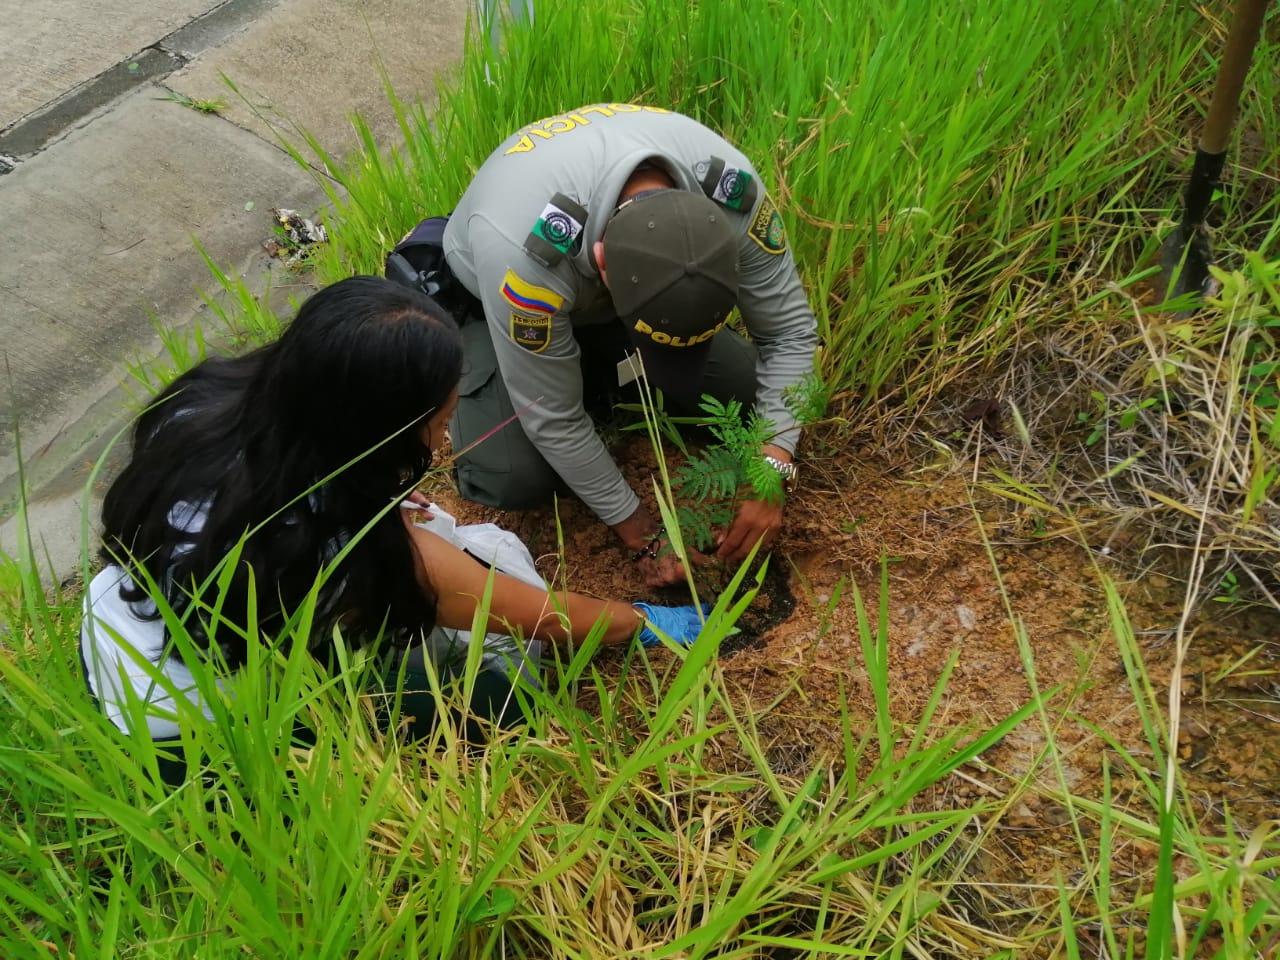 Recuperación de Monumento en el sendero ecológico Virgen de manaré siembra de 261 árboles